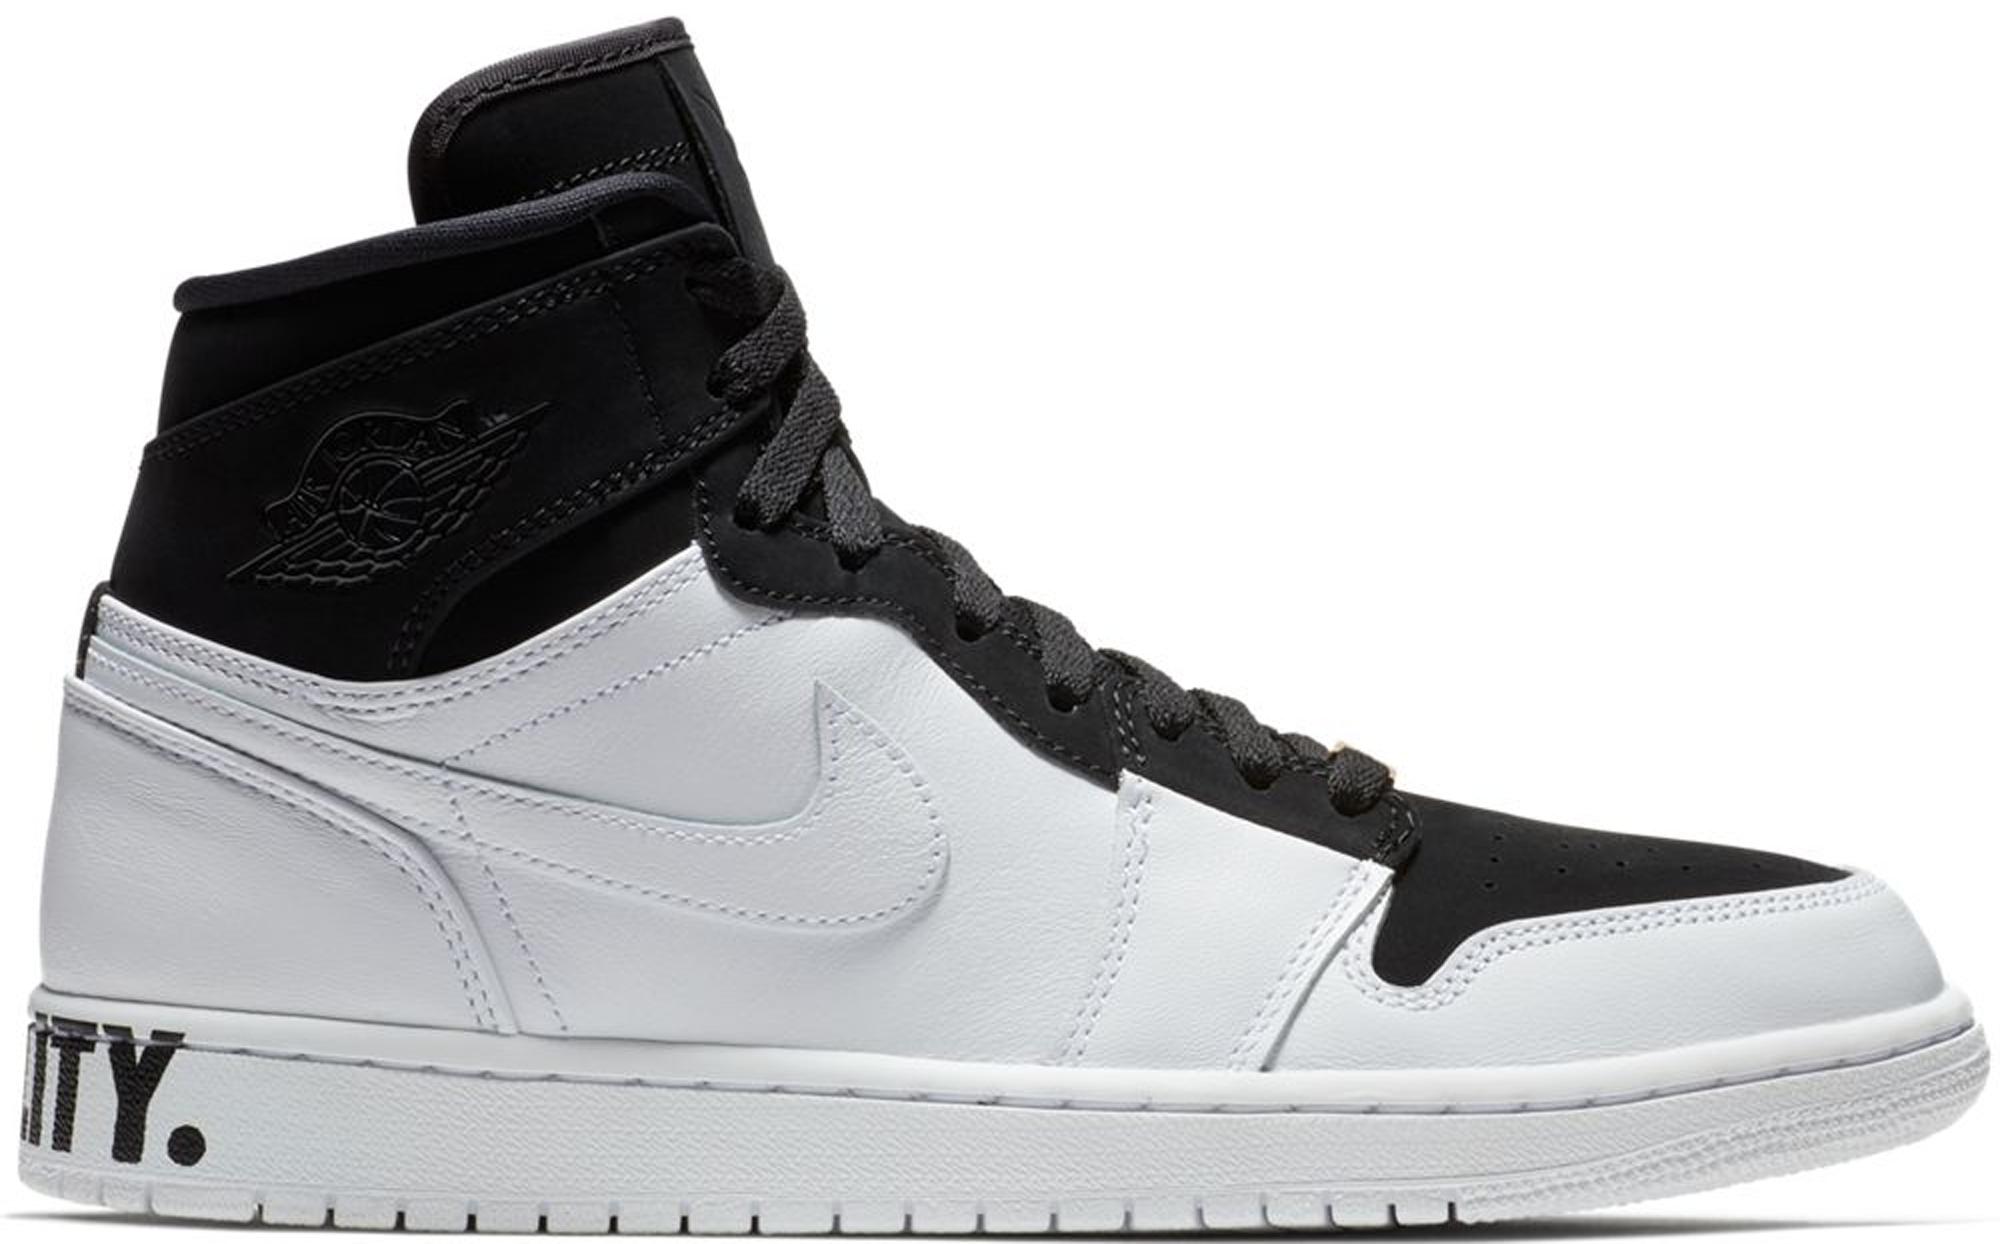 Air Jordan 1 2018